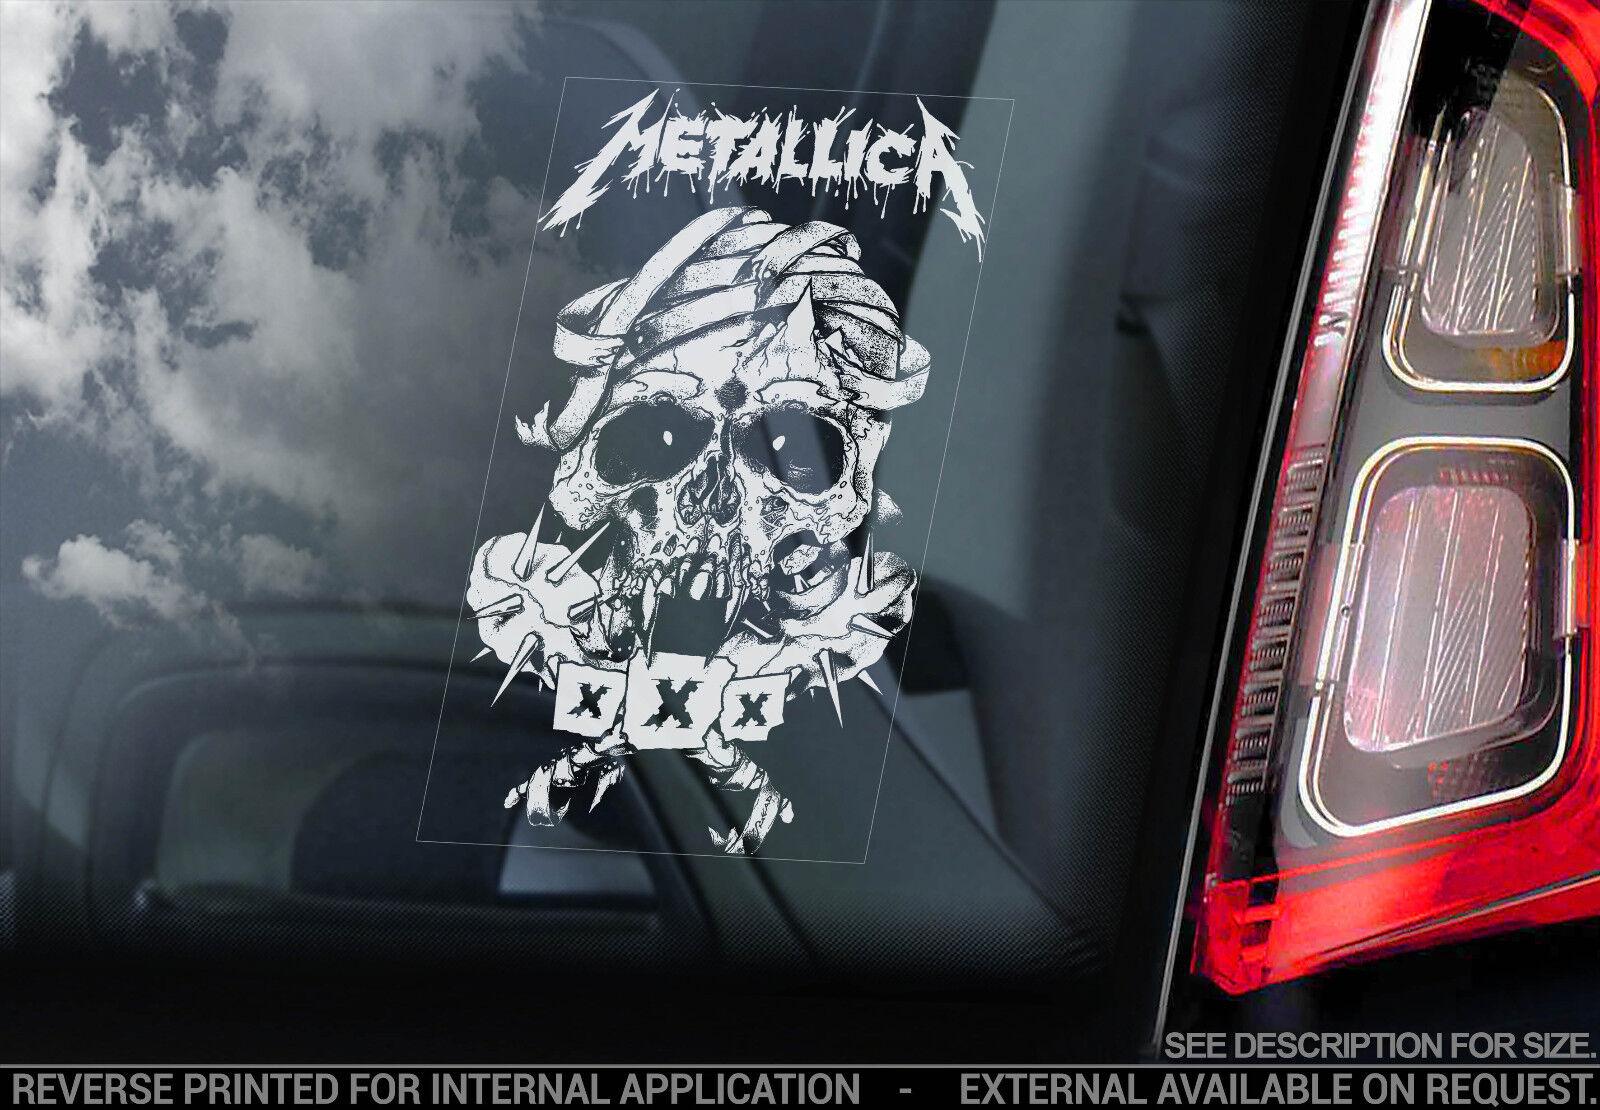 metallica vitre voiture autocollant collier pc portable rock musique vinyle ebay. Black Bedroom Furniture Sets. Home Design Ideas